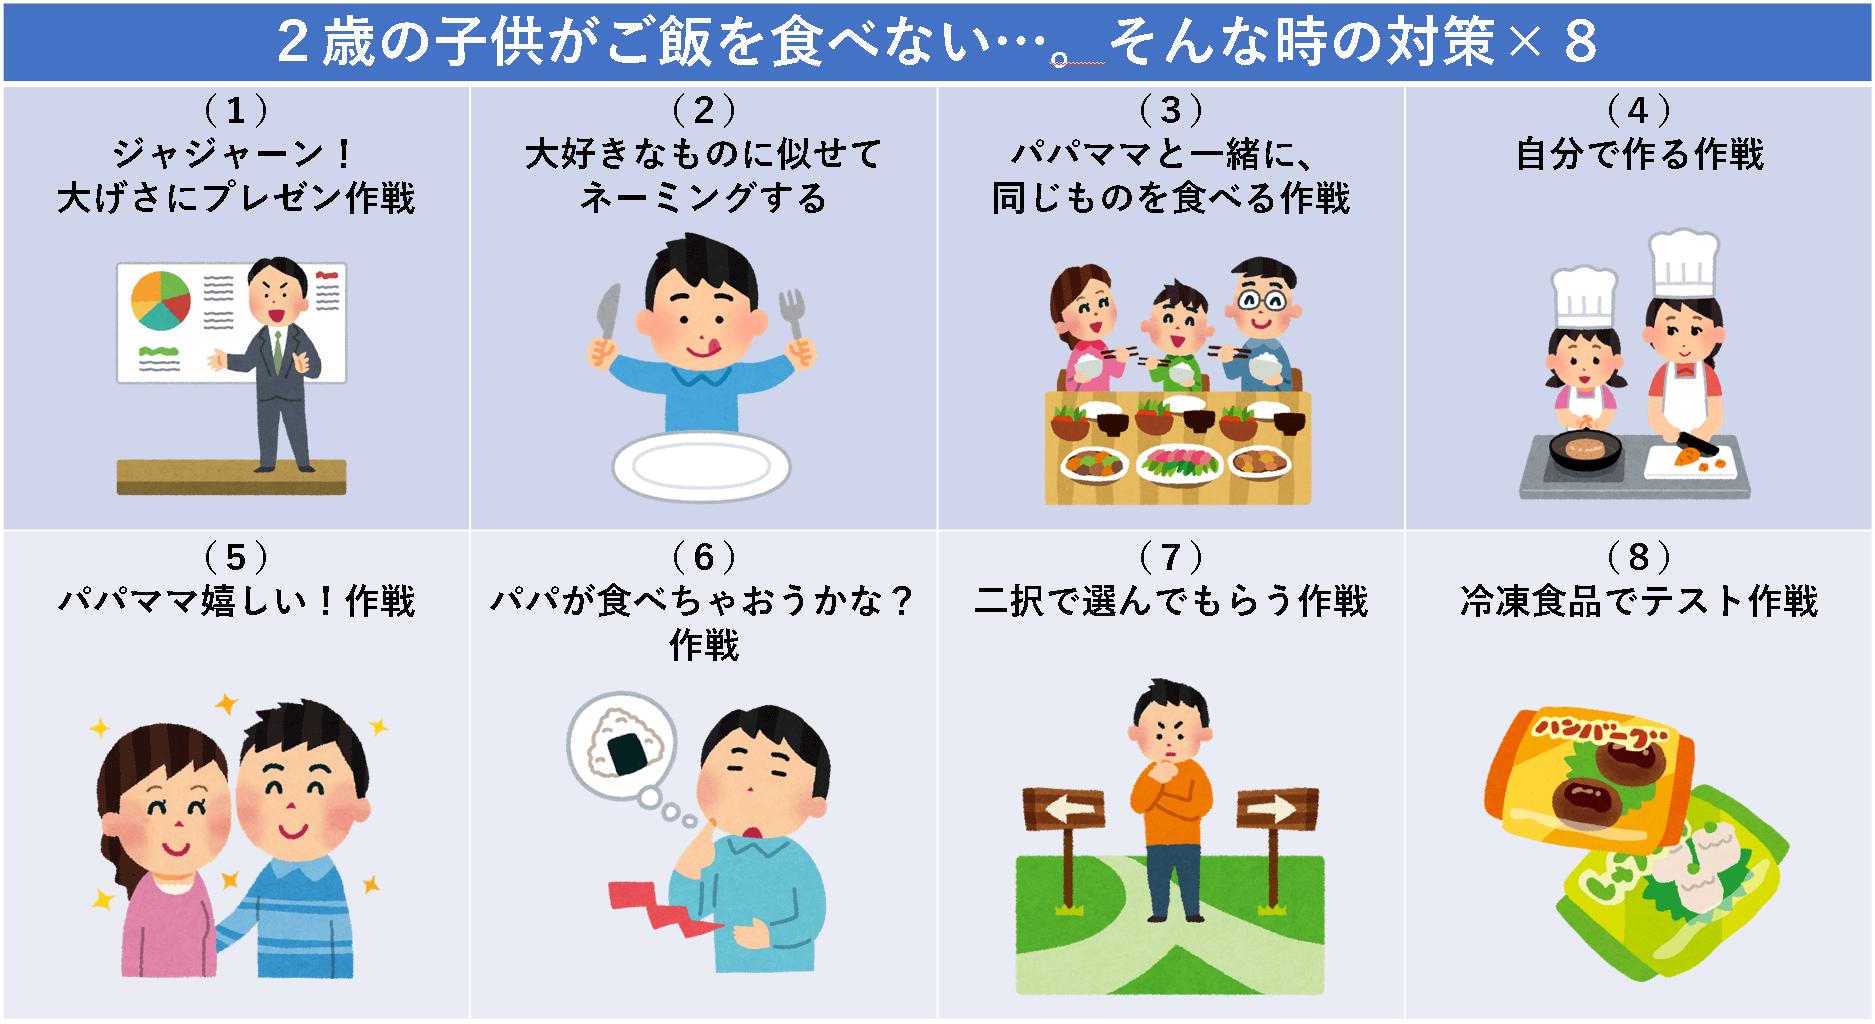 2歳の子供がご飯を食べない…。そんな時の対策×8